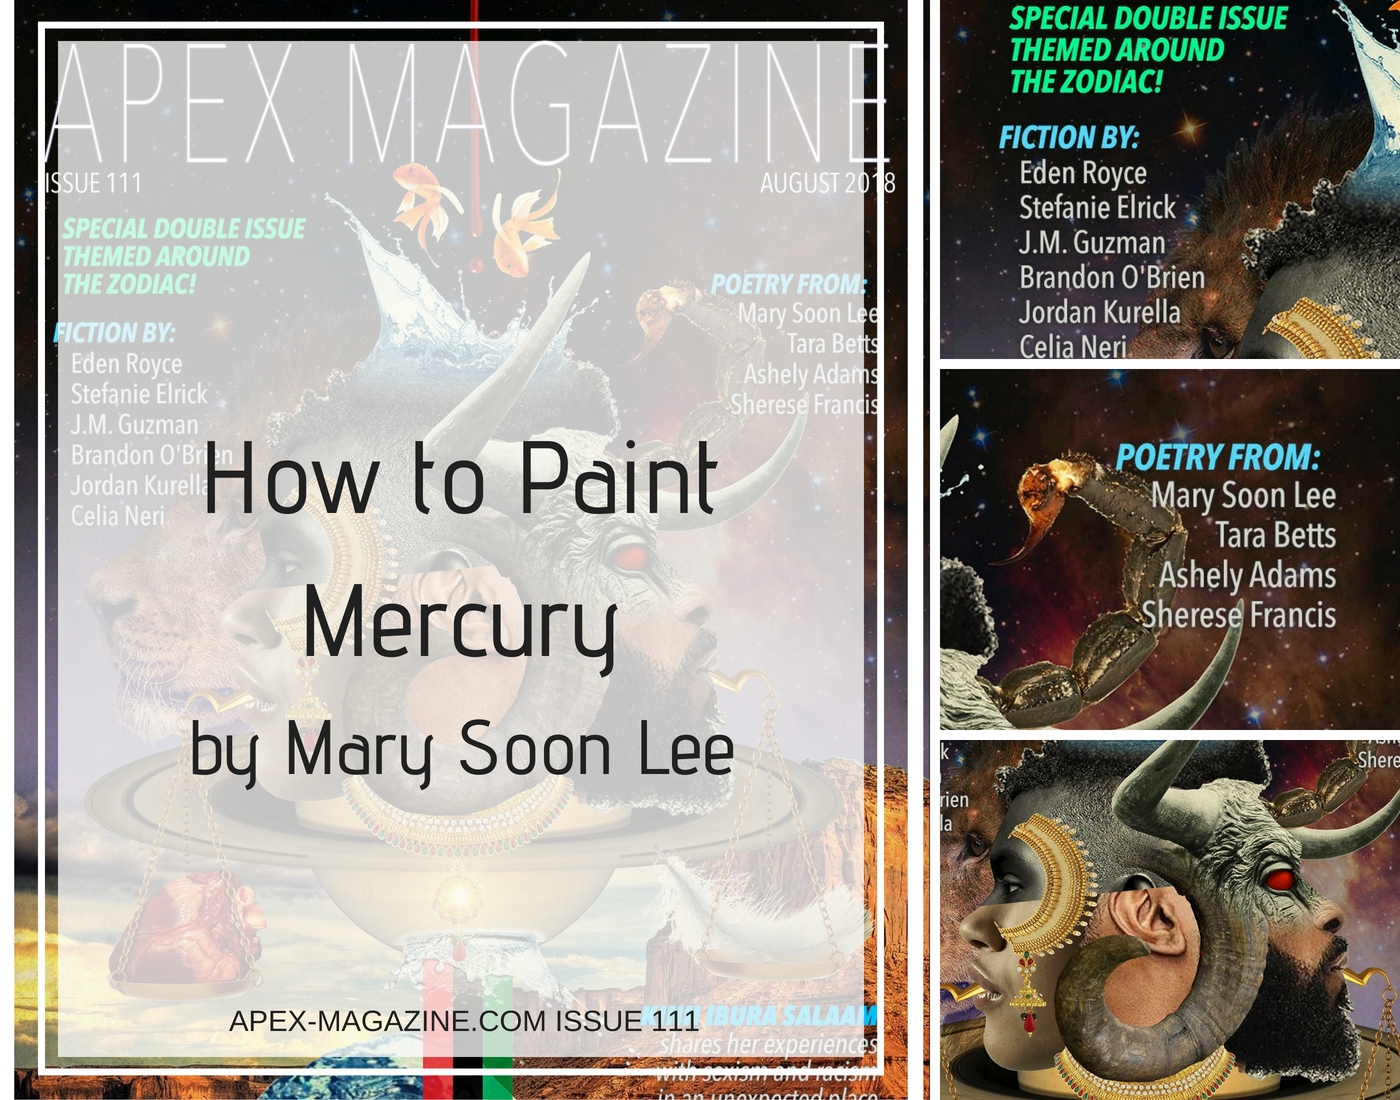 How to Paint Mercury